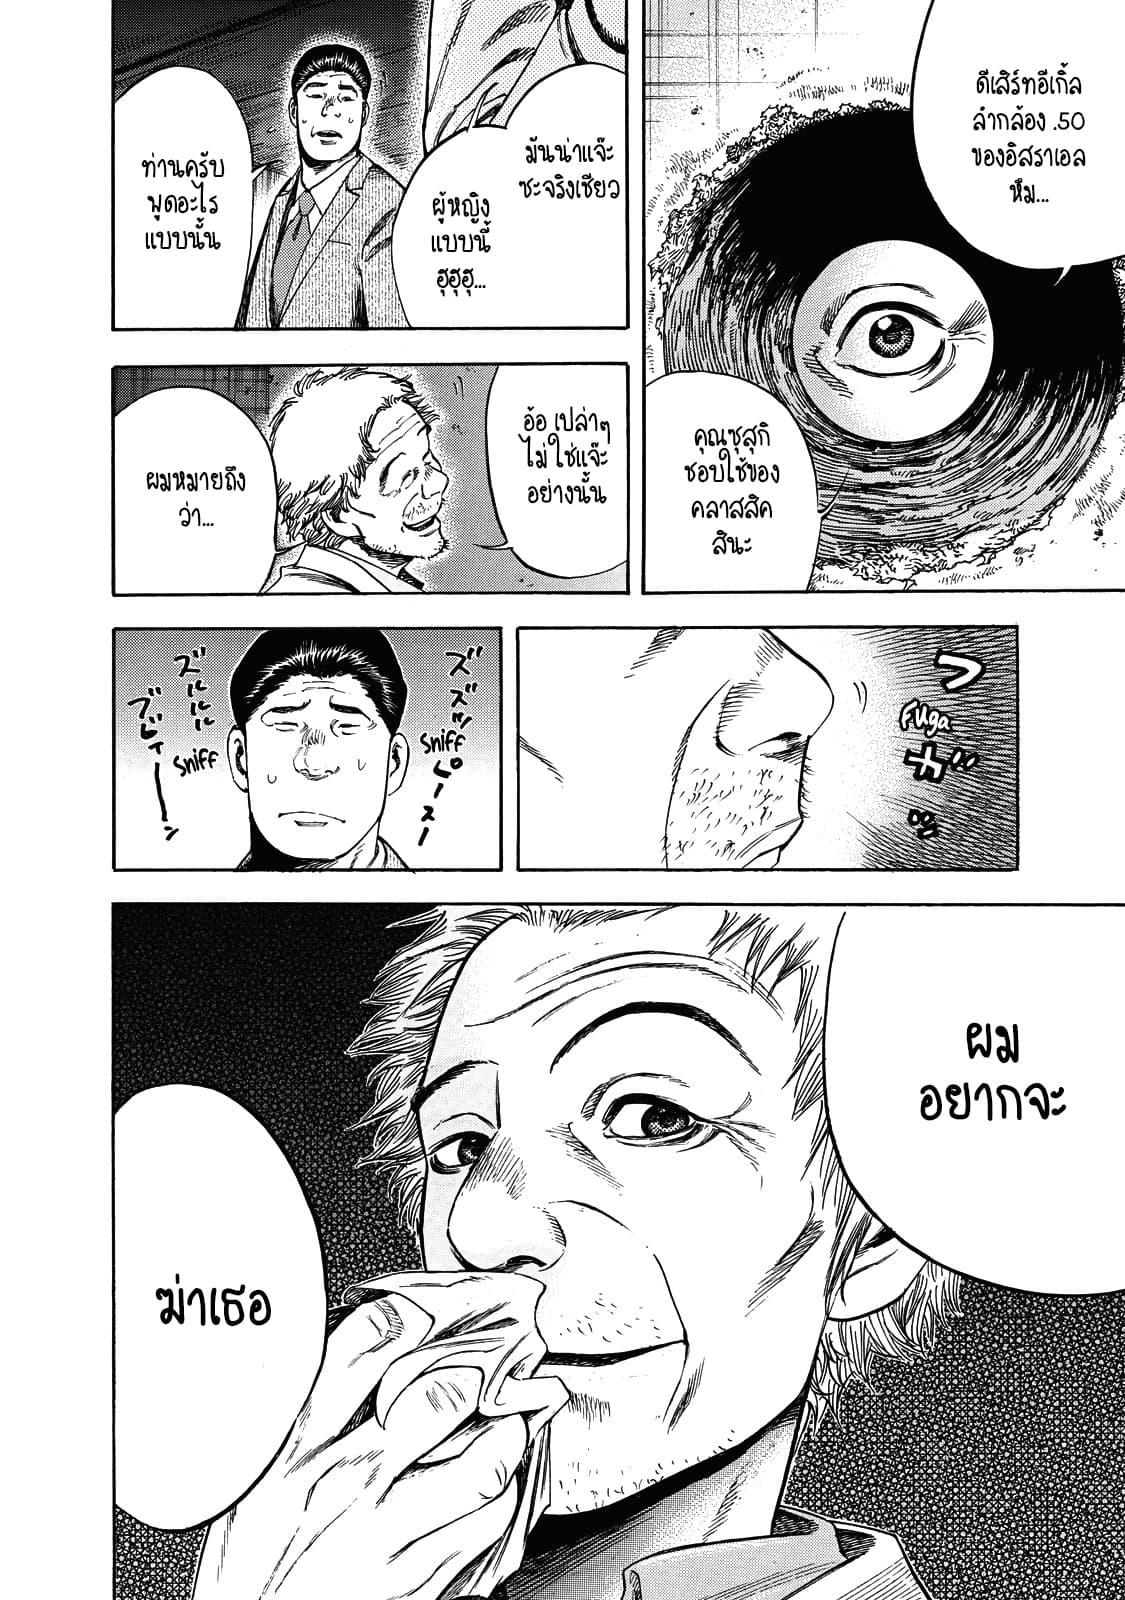 อ่านการ์ตูน Suzuki-san wa Tada Shizuka ni Kurashitai ตอนที่ 5 หน้าที่ 2